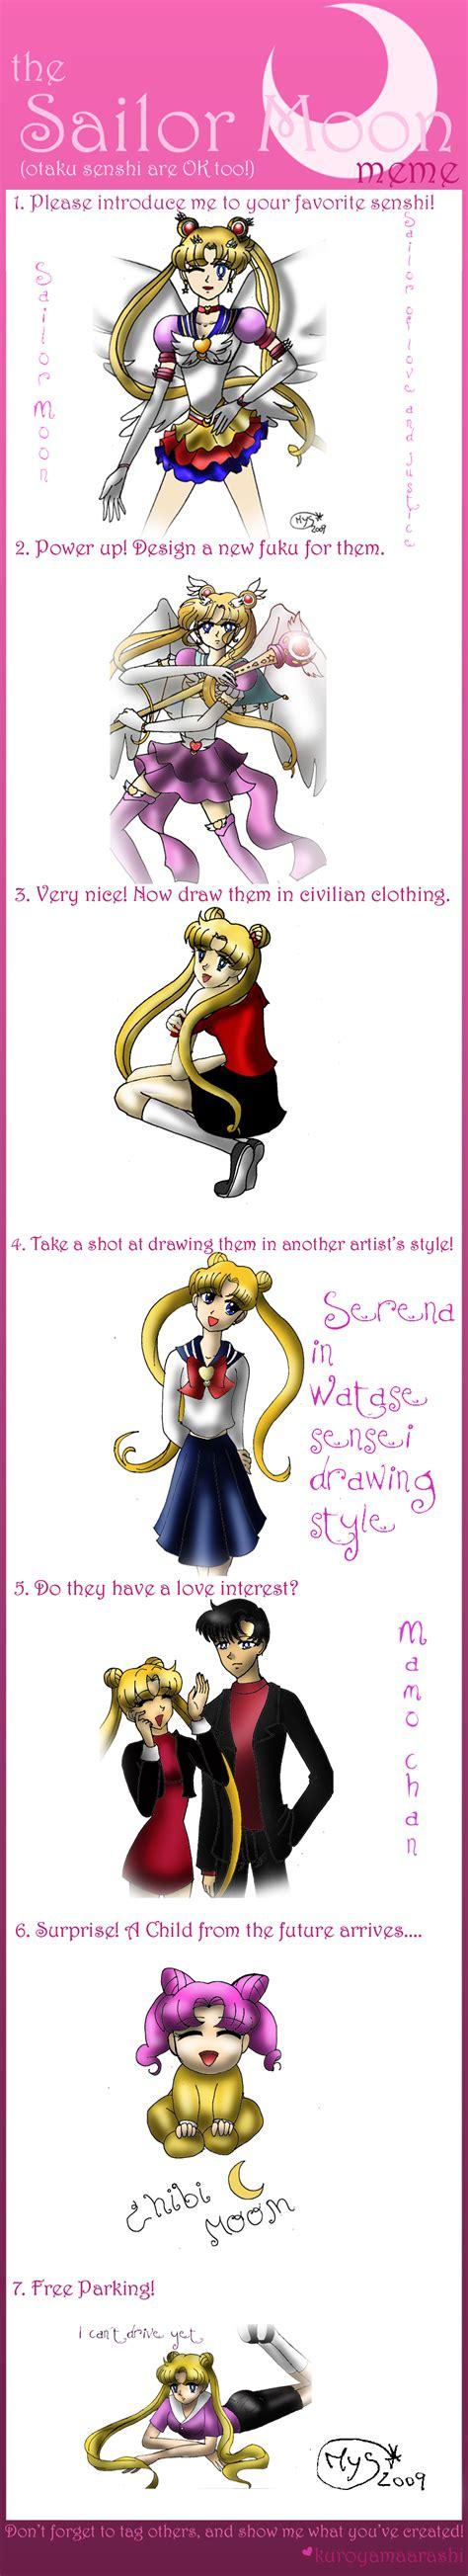 Sailor Moon Meme - sailor moon meme by miakayuki1 on deviantart